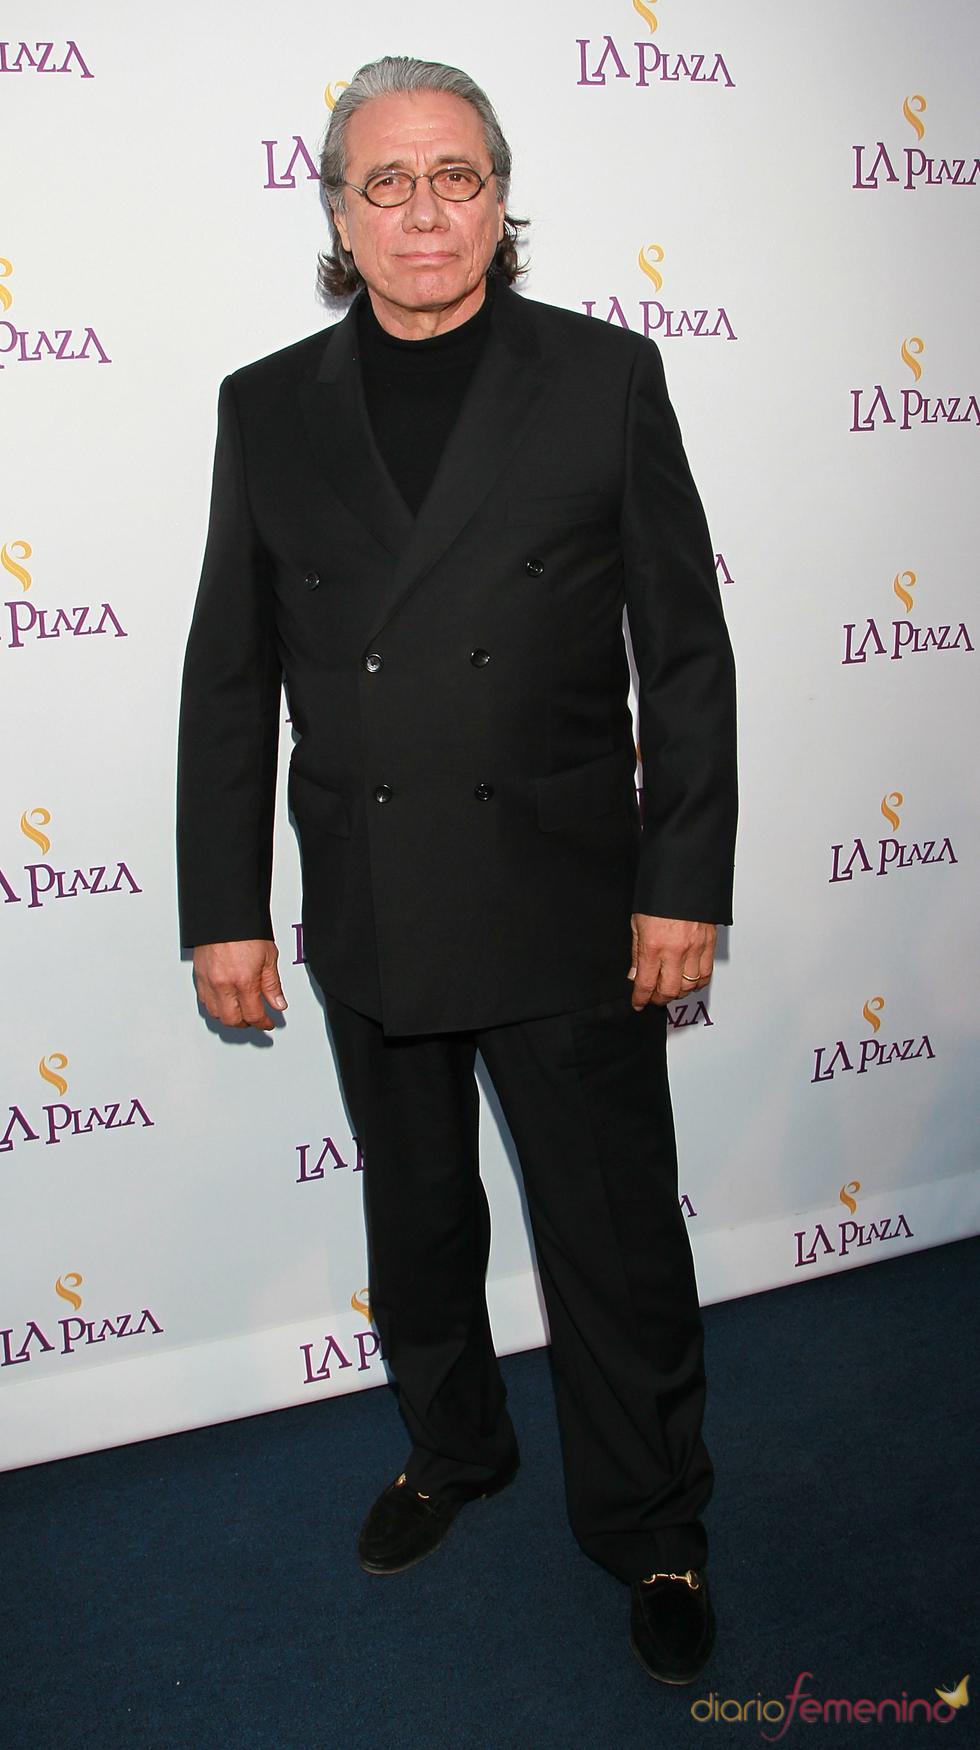 El actor Edward James Olmos en la Gala Inaugural de la Plaza de la Cultura y las Artes